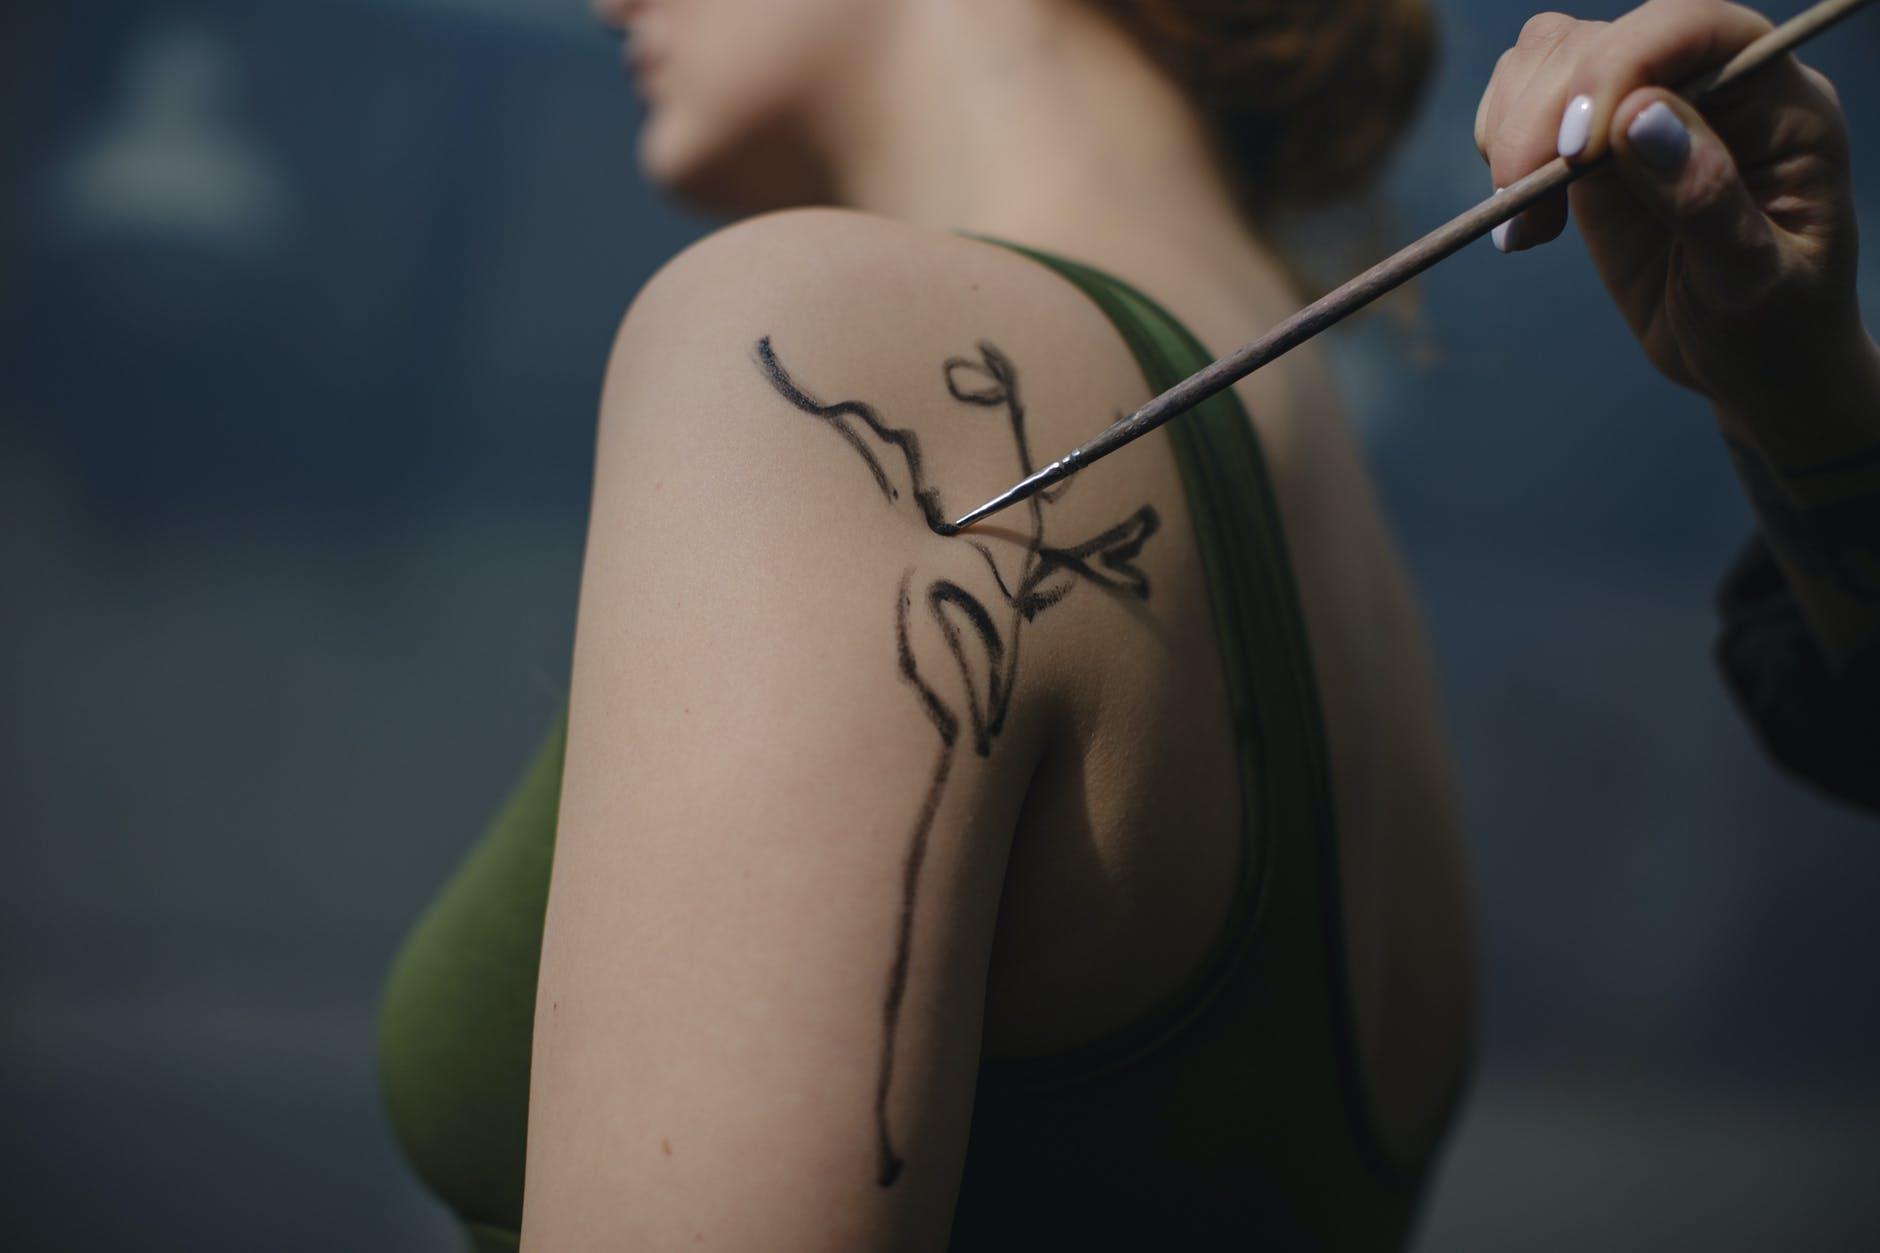 Ai tatuaje? Specialistii au facut o descoperire incredibila. Sigur NU stiai asta!